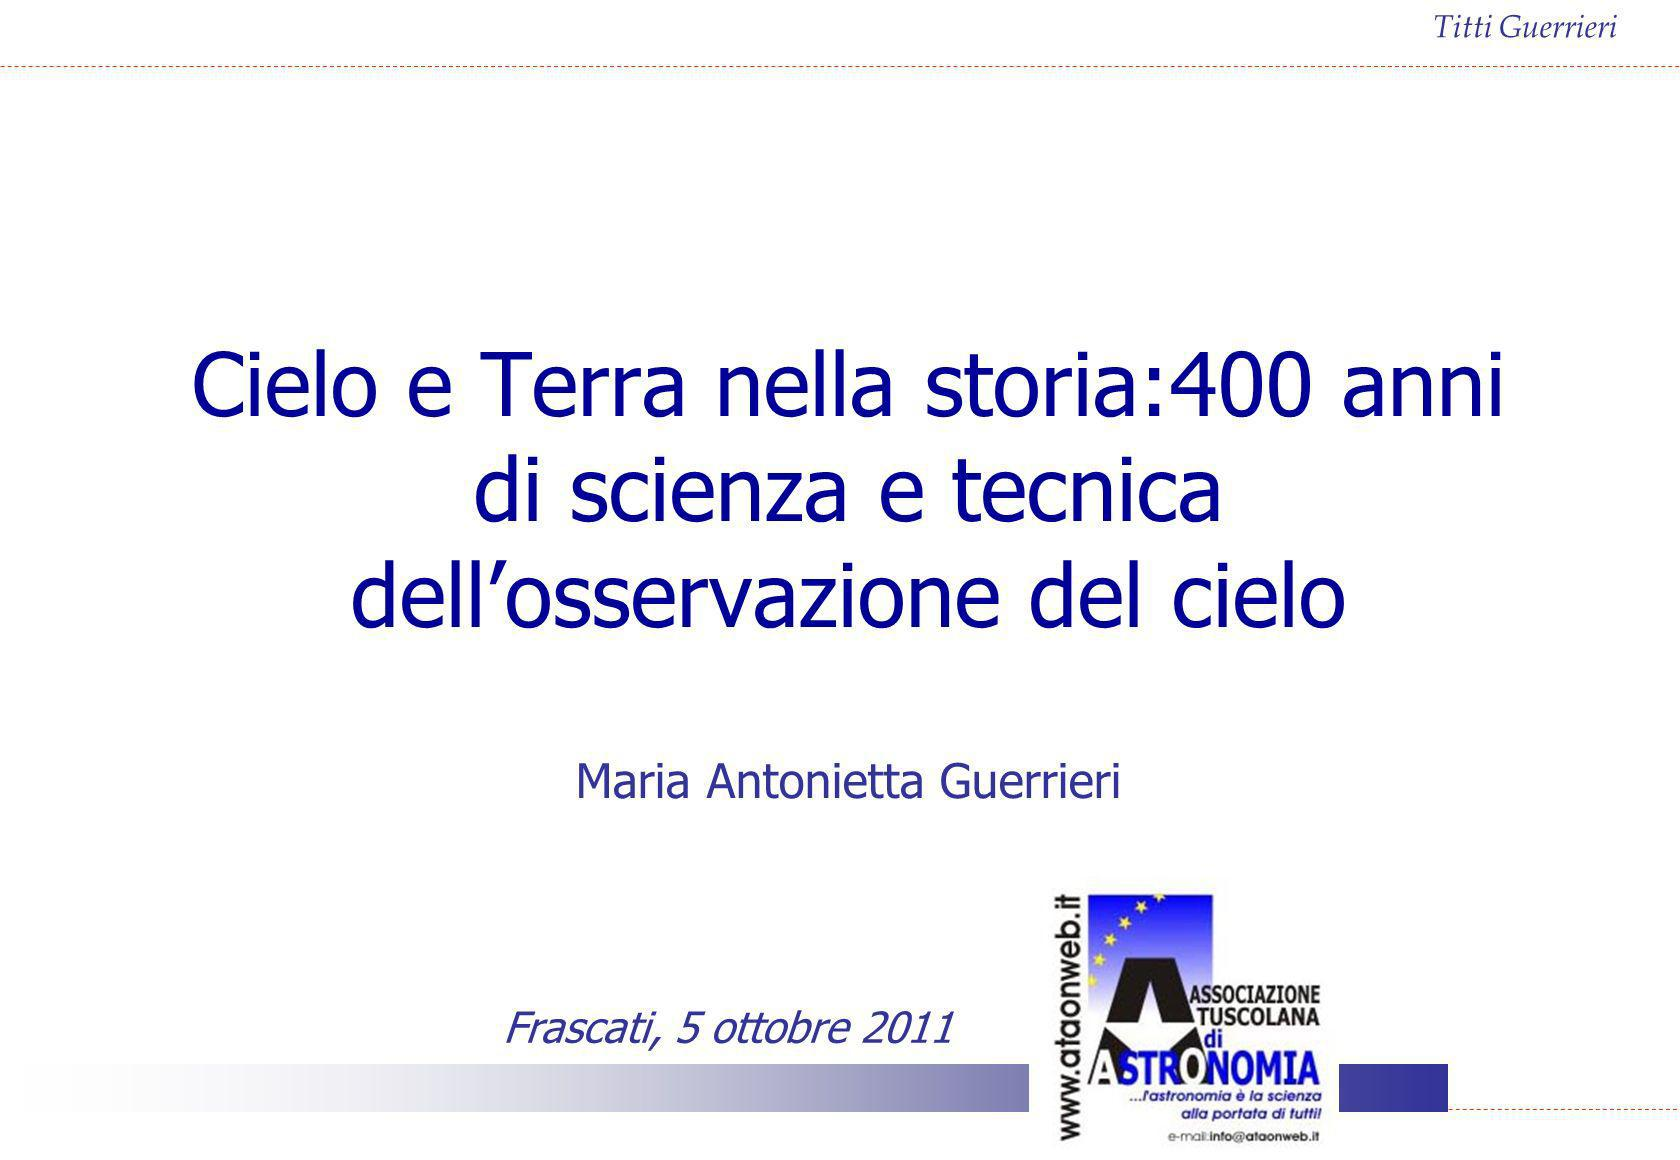 Cielo e Terra nella storia:400 anni di scienza e tecnica dell'osservazione del cielo Maria Antonietta Guerrieri